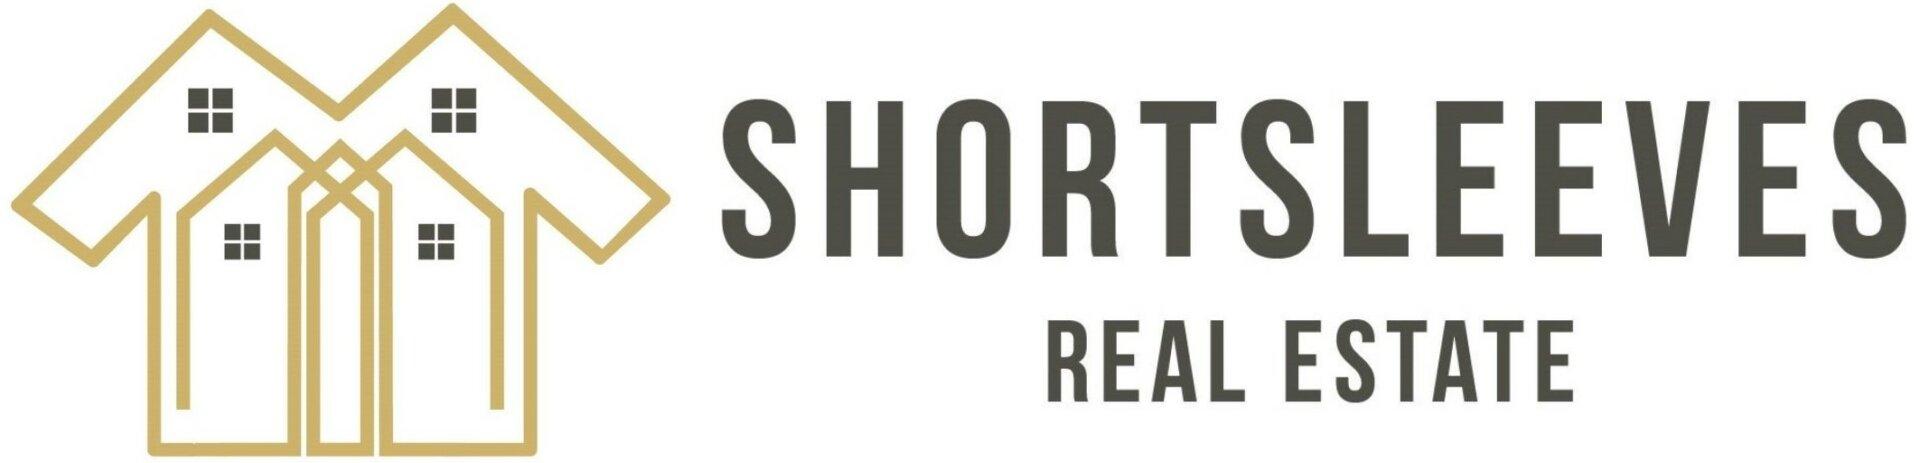 Shortsleeves Real Estate logo